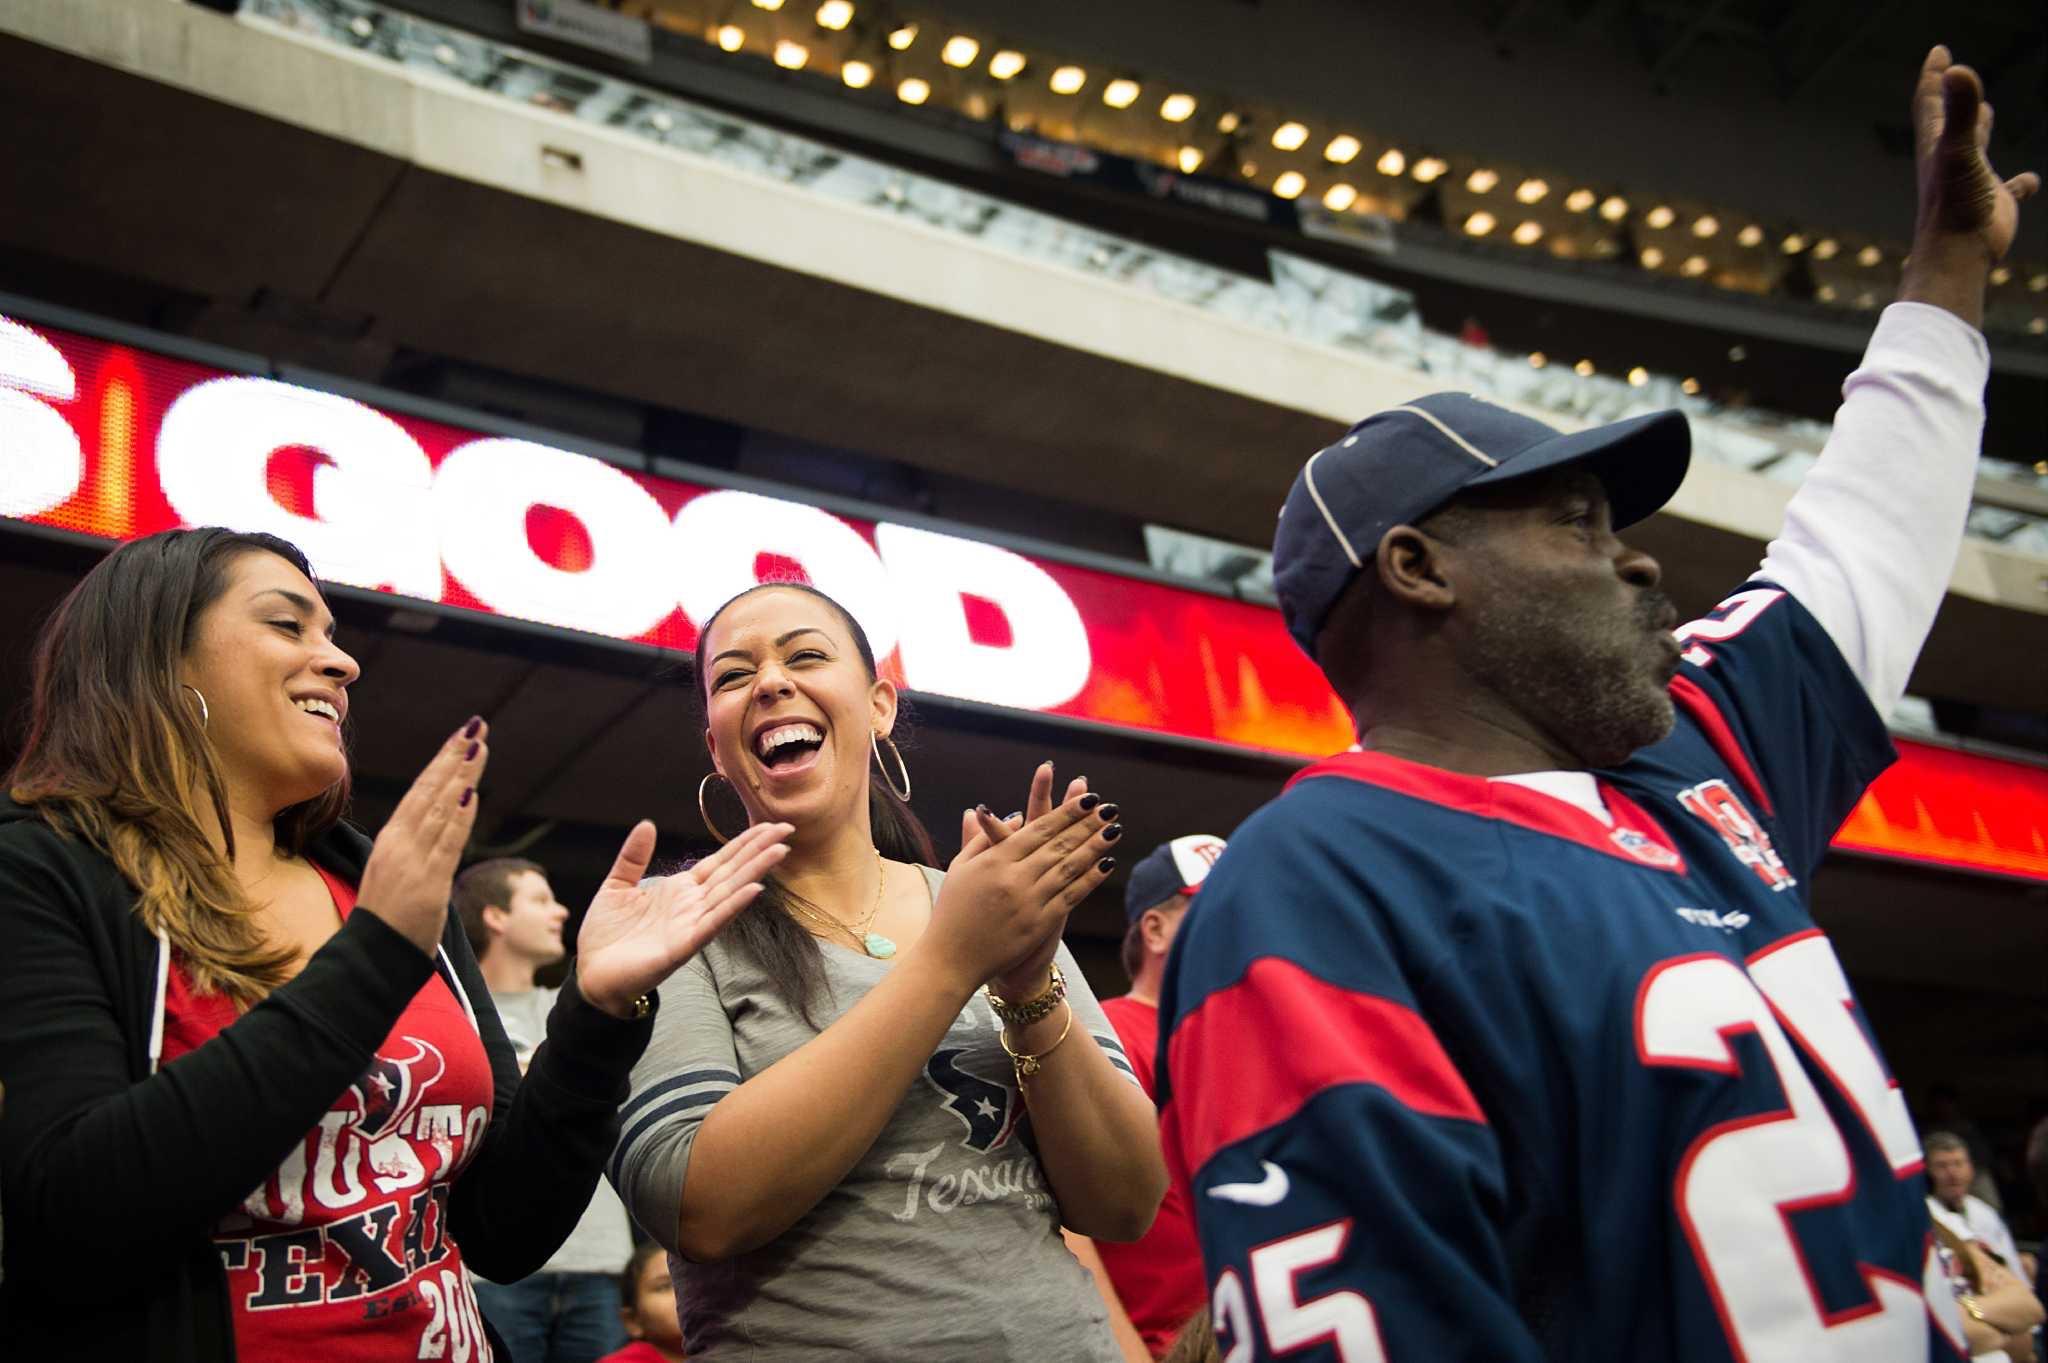 Devi + Friend, Brianne Pinns enjoying Texans Game